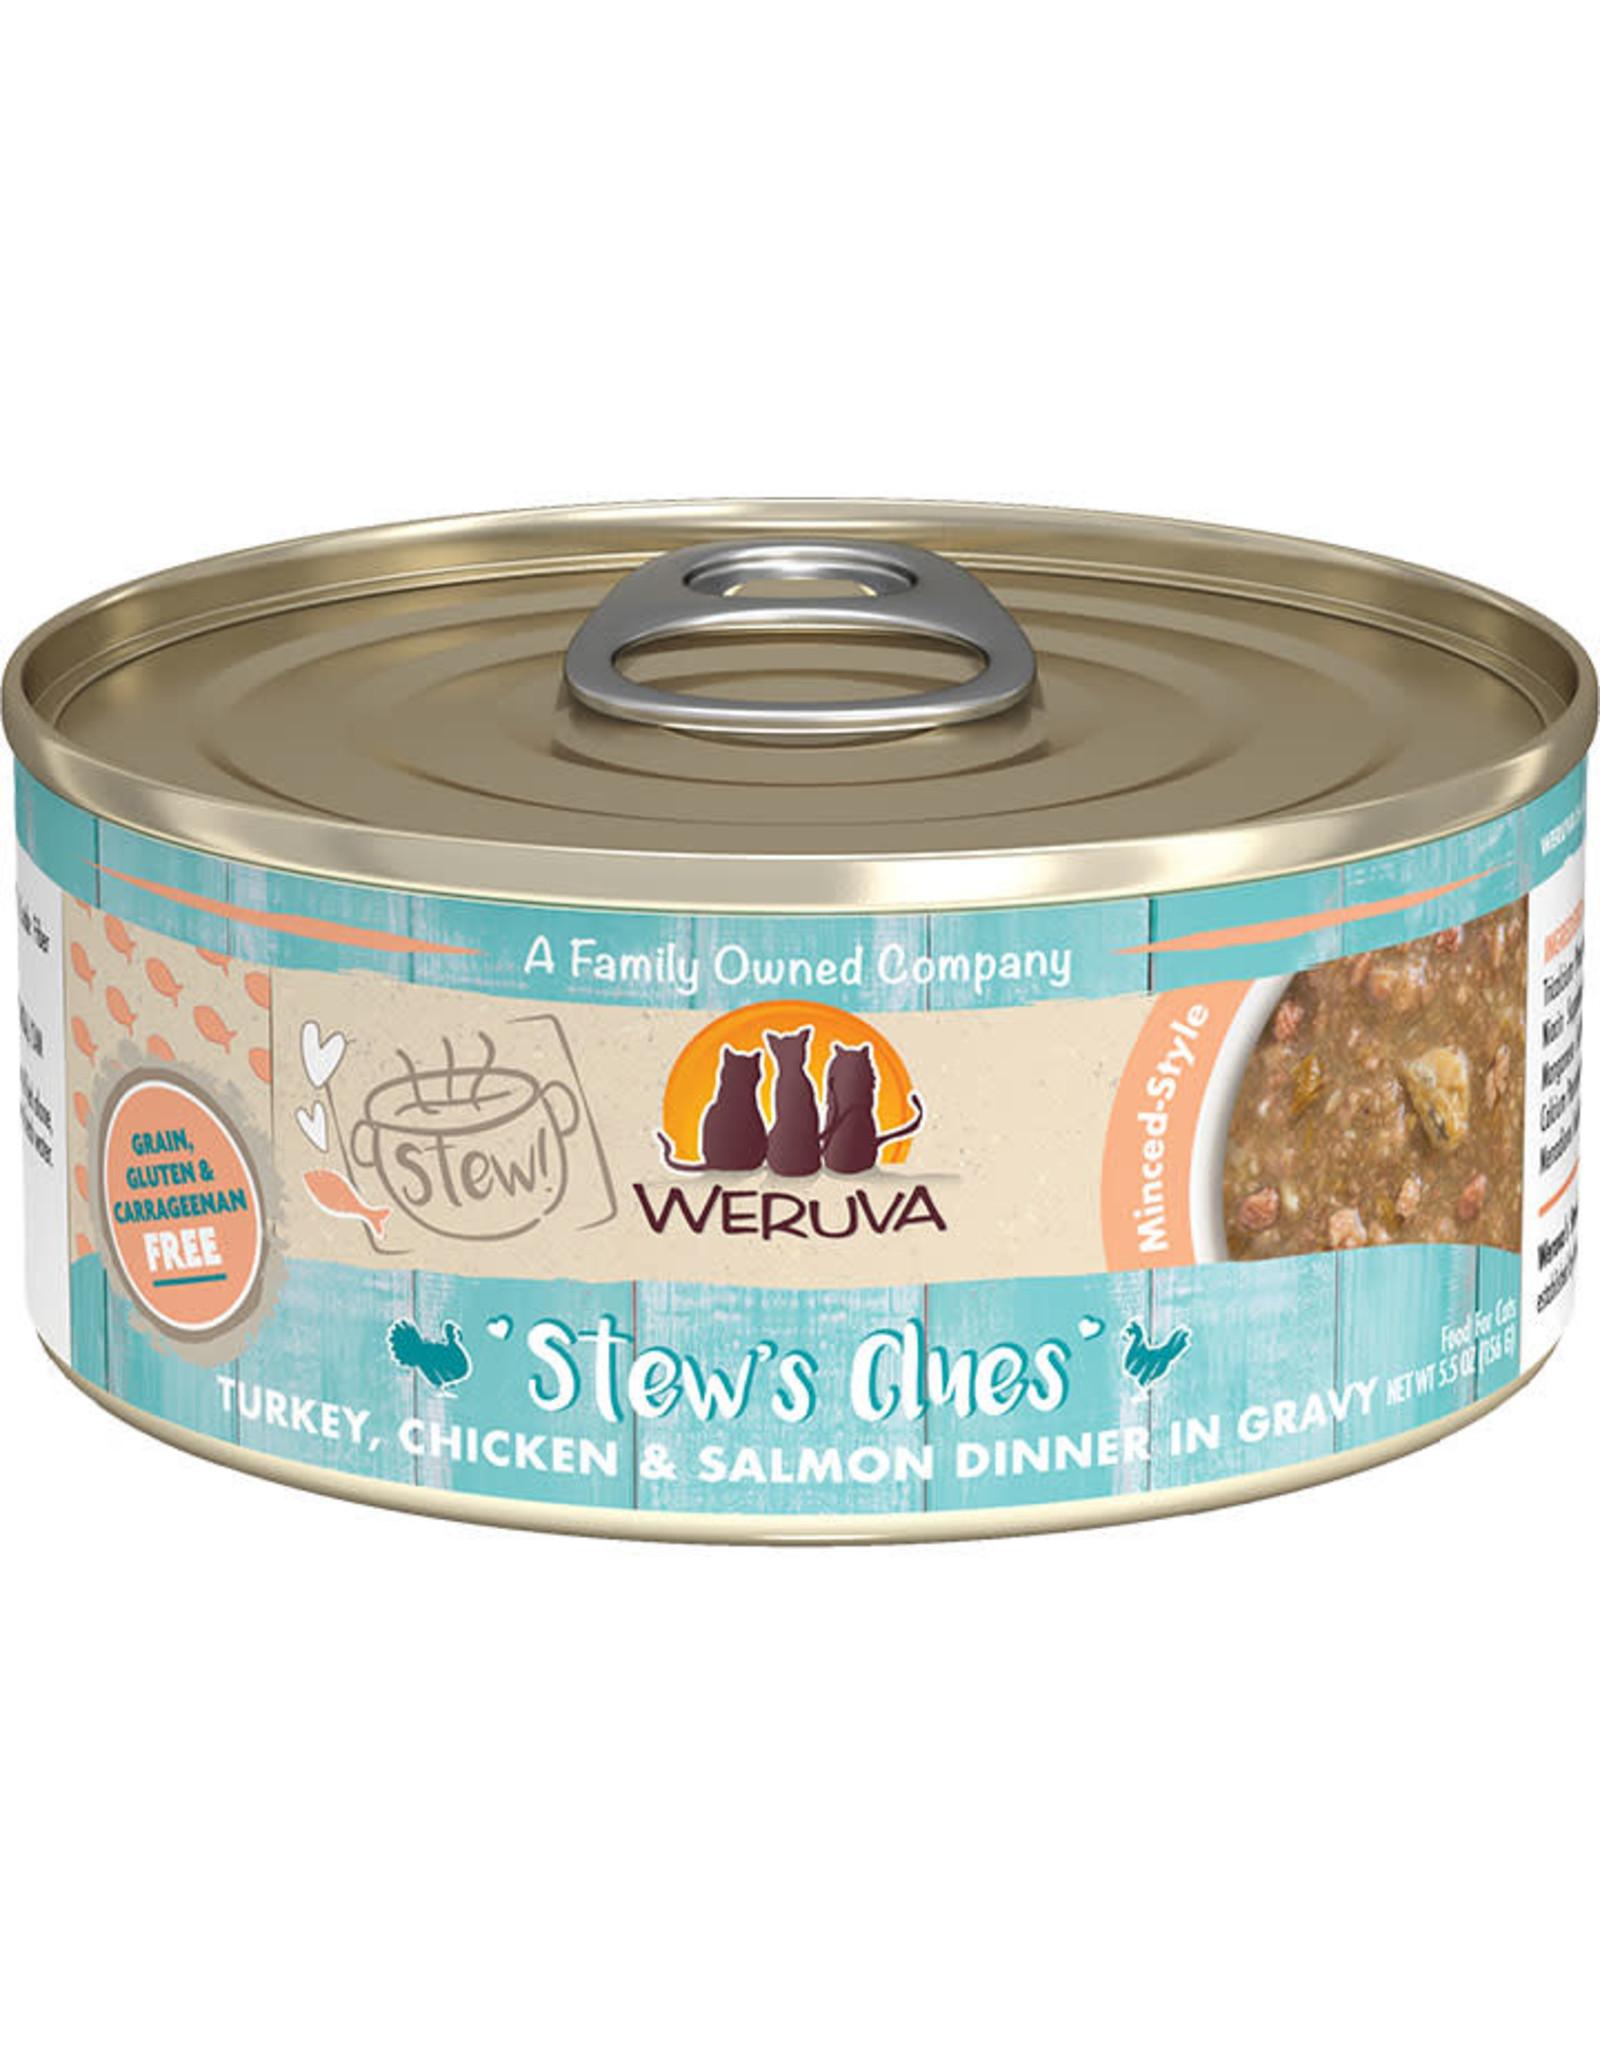 Weruva Weruva Stews Clues Turkey, Chicken & Salmon Dinner in Gravy Cat Food 5.5oz